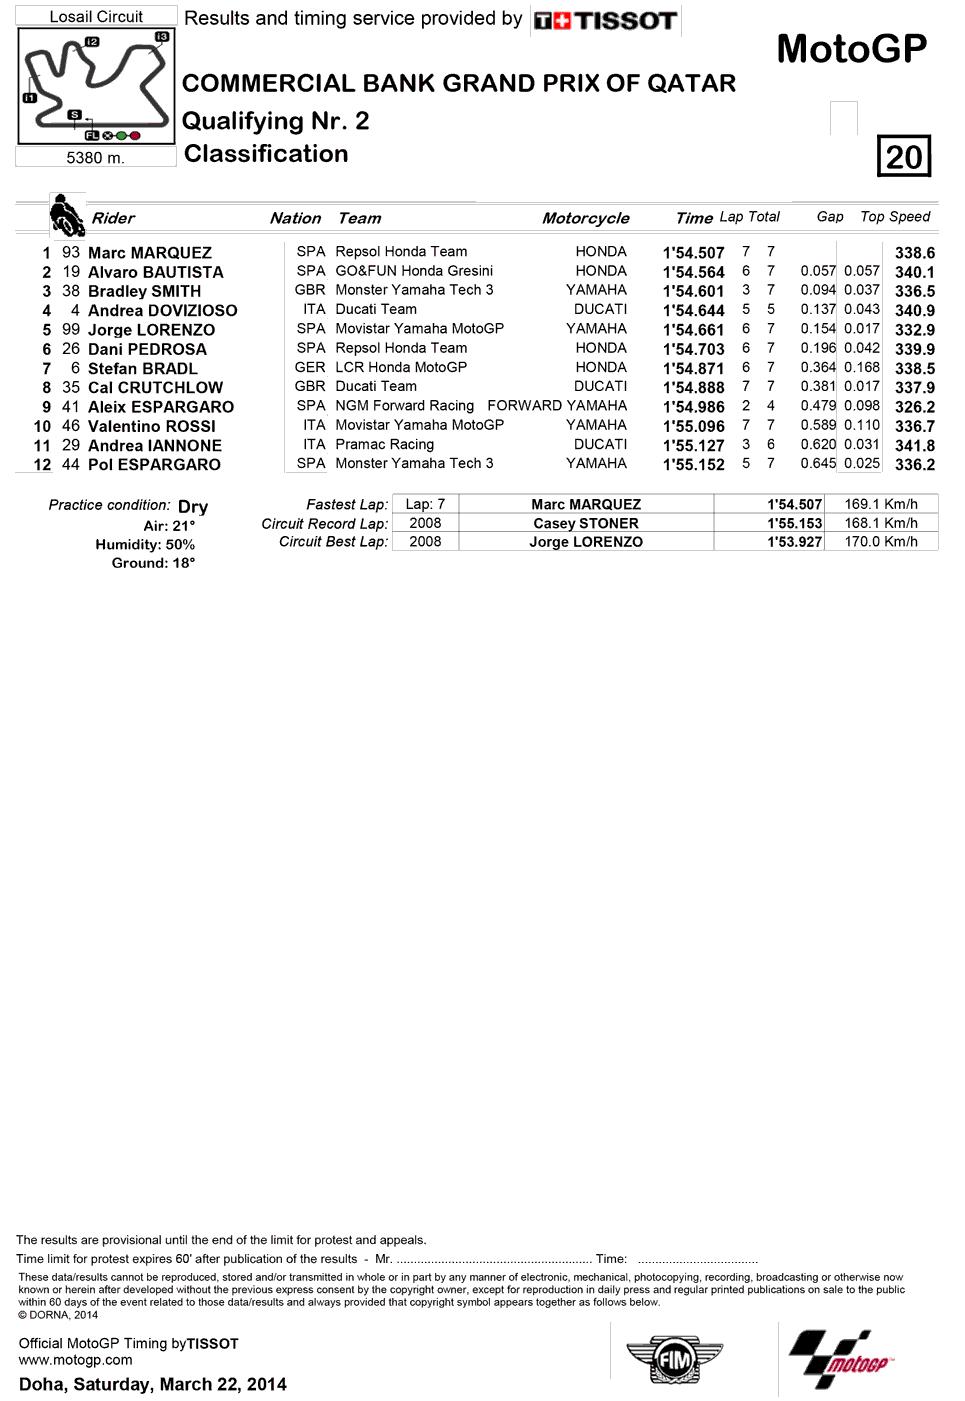 Результаты второй квалификации MotoGP Гран-При Катара 2014